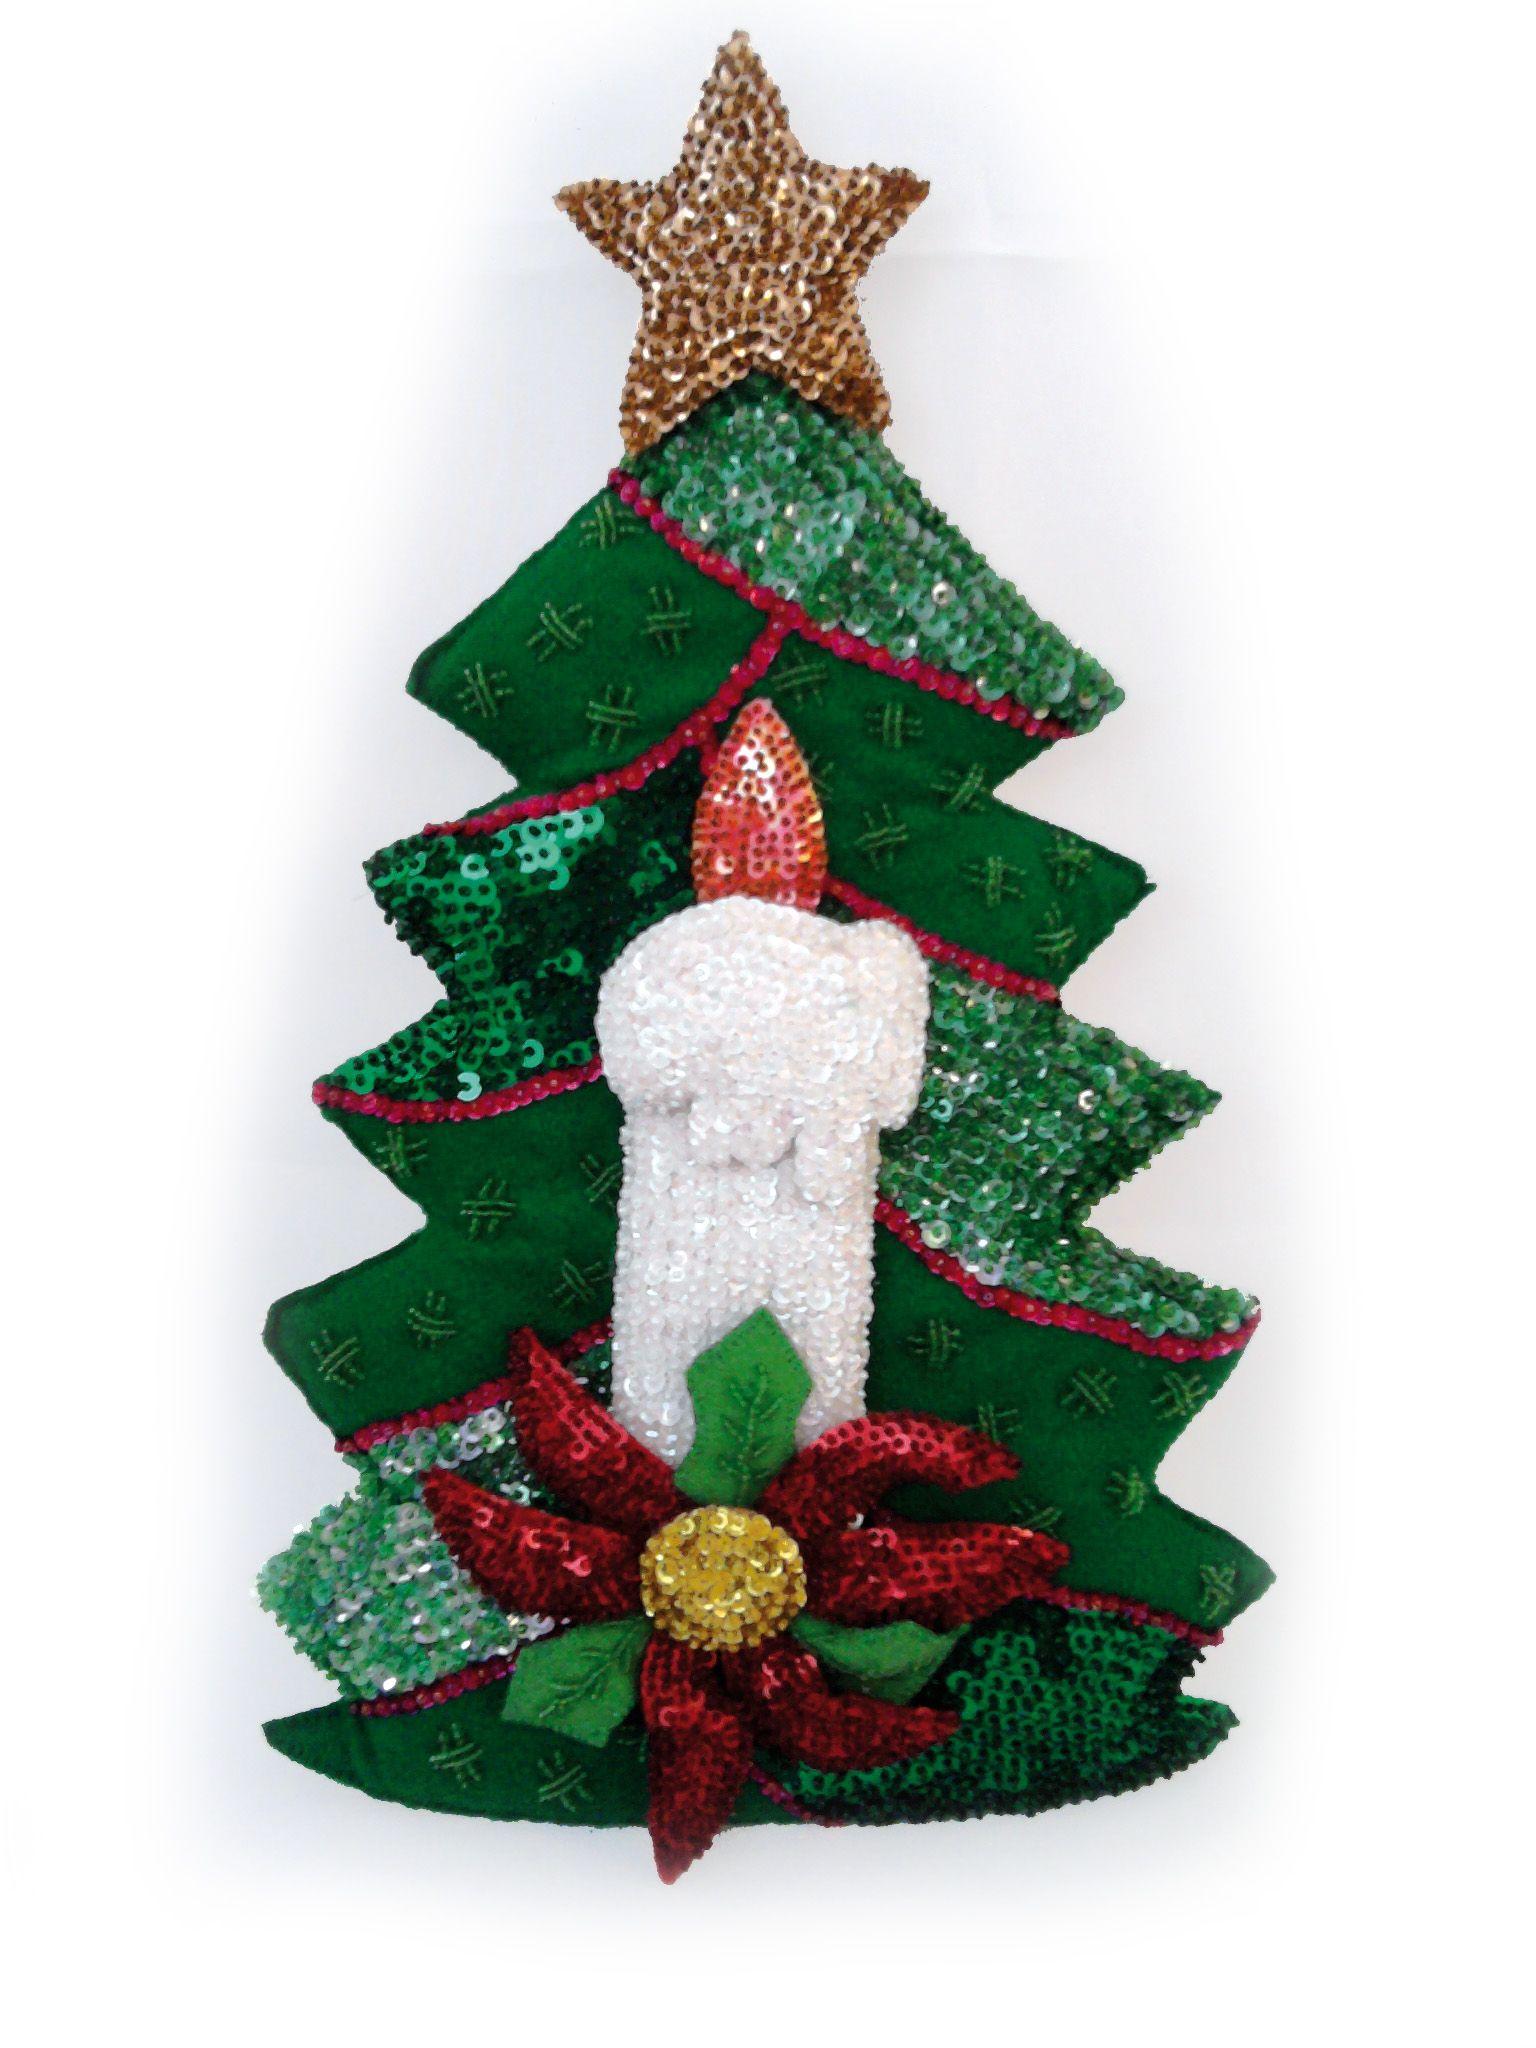 Arbolito de navidad en fieltro bordado en lentejuela - Arbolito de navidad ...